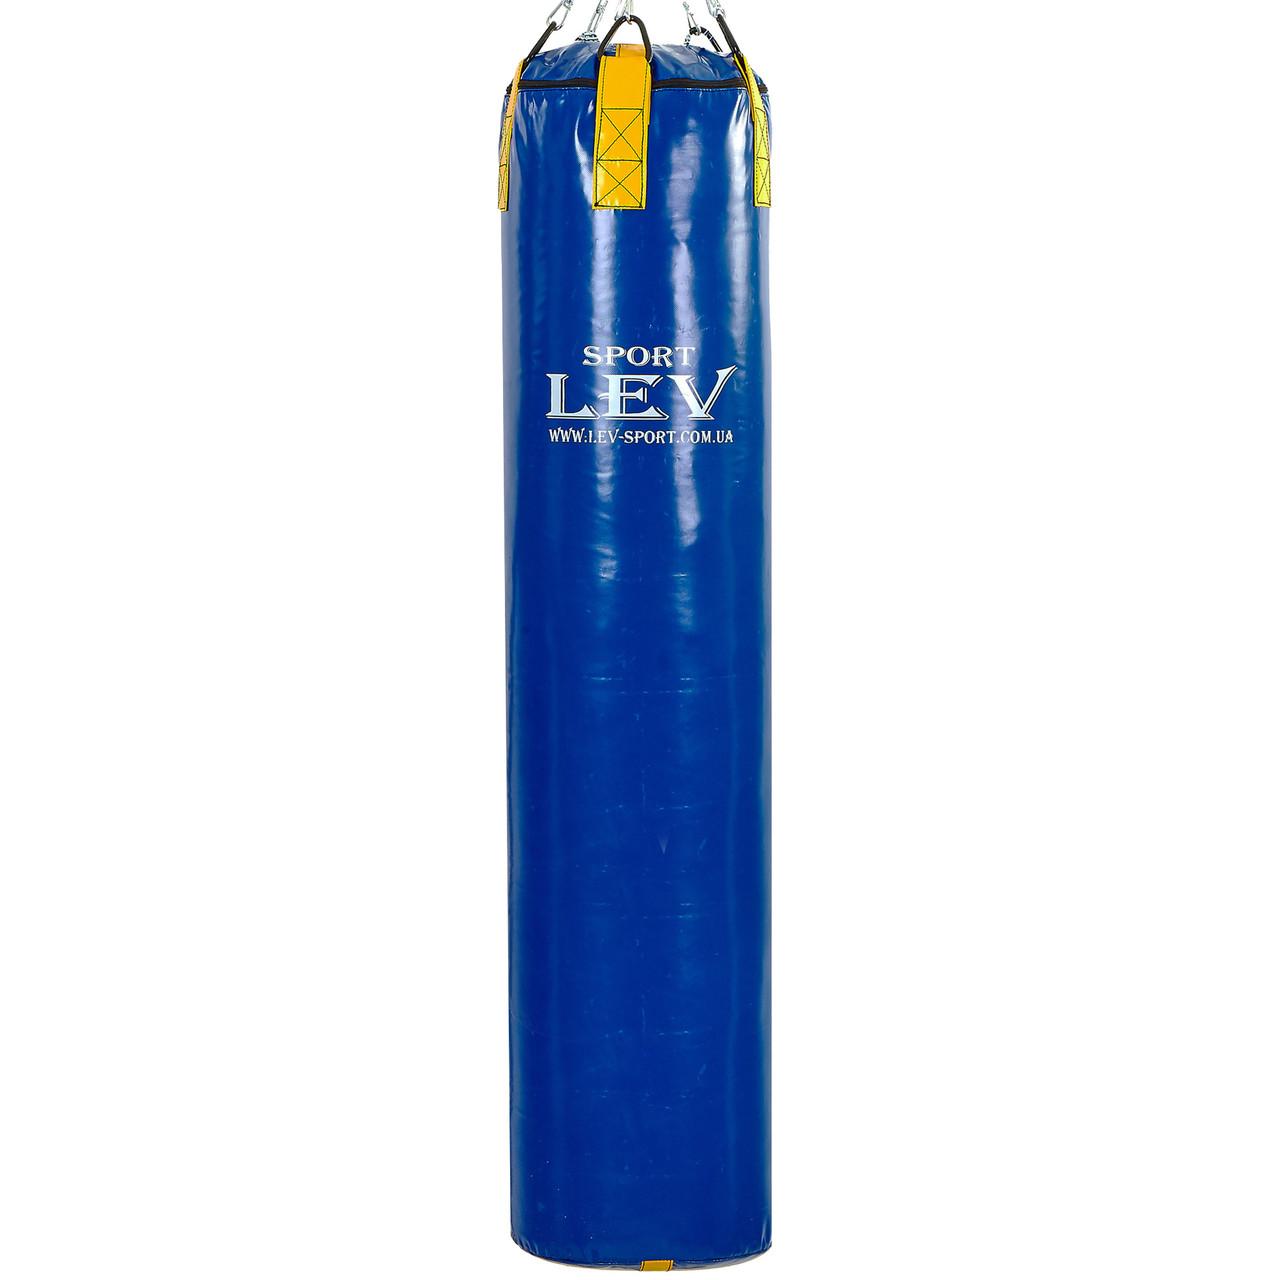 Мешок боксерский Цилиндр Тент h-150см Lev Sport (наполнит.-ветошь, d-33см,вес-80кг, синий-желтый) PZ-LV-2807